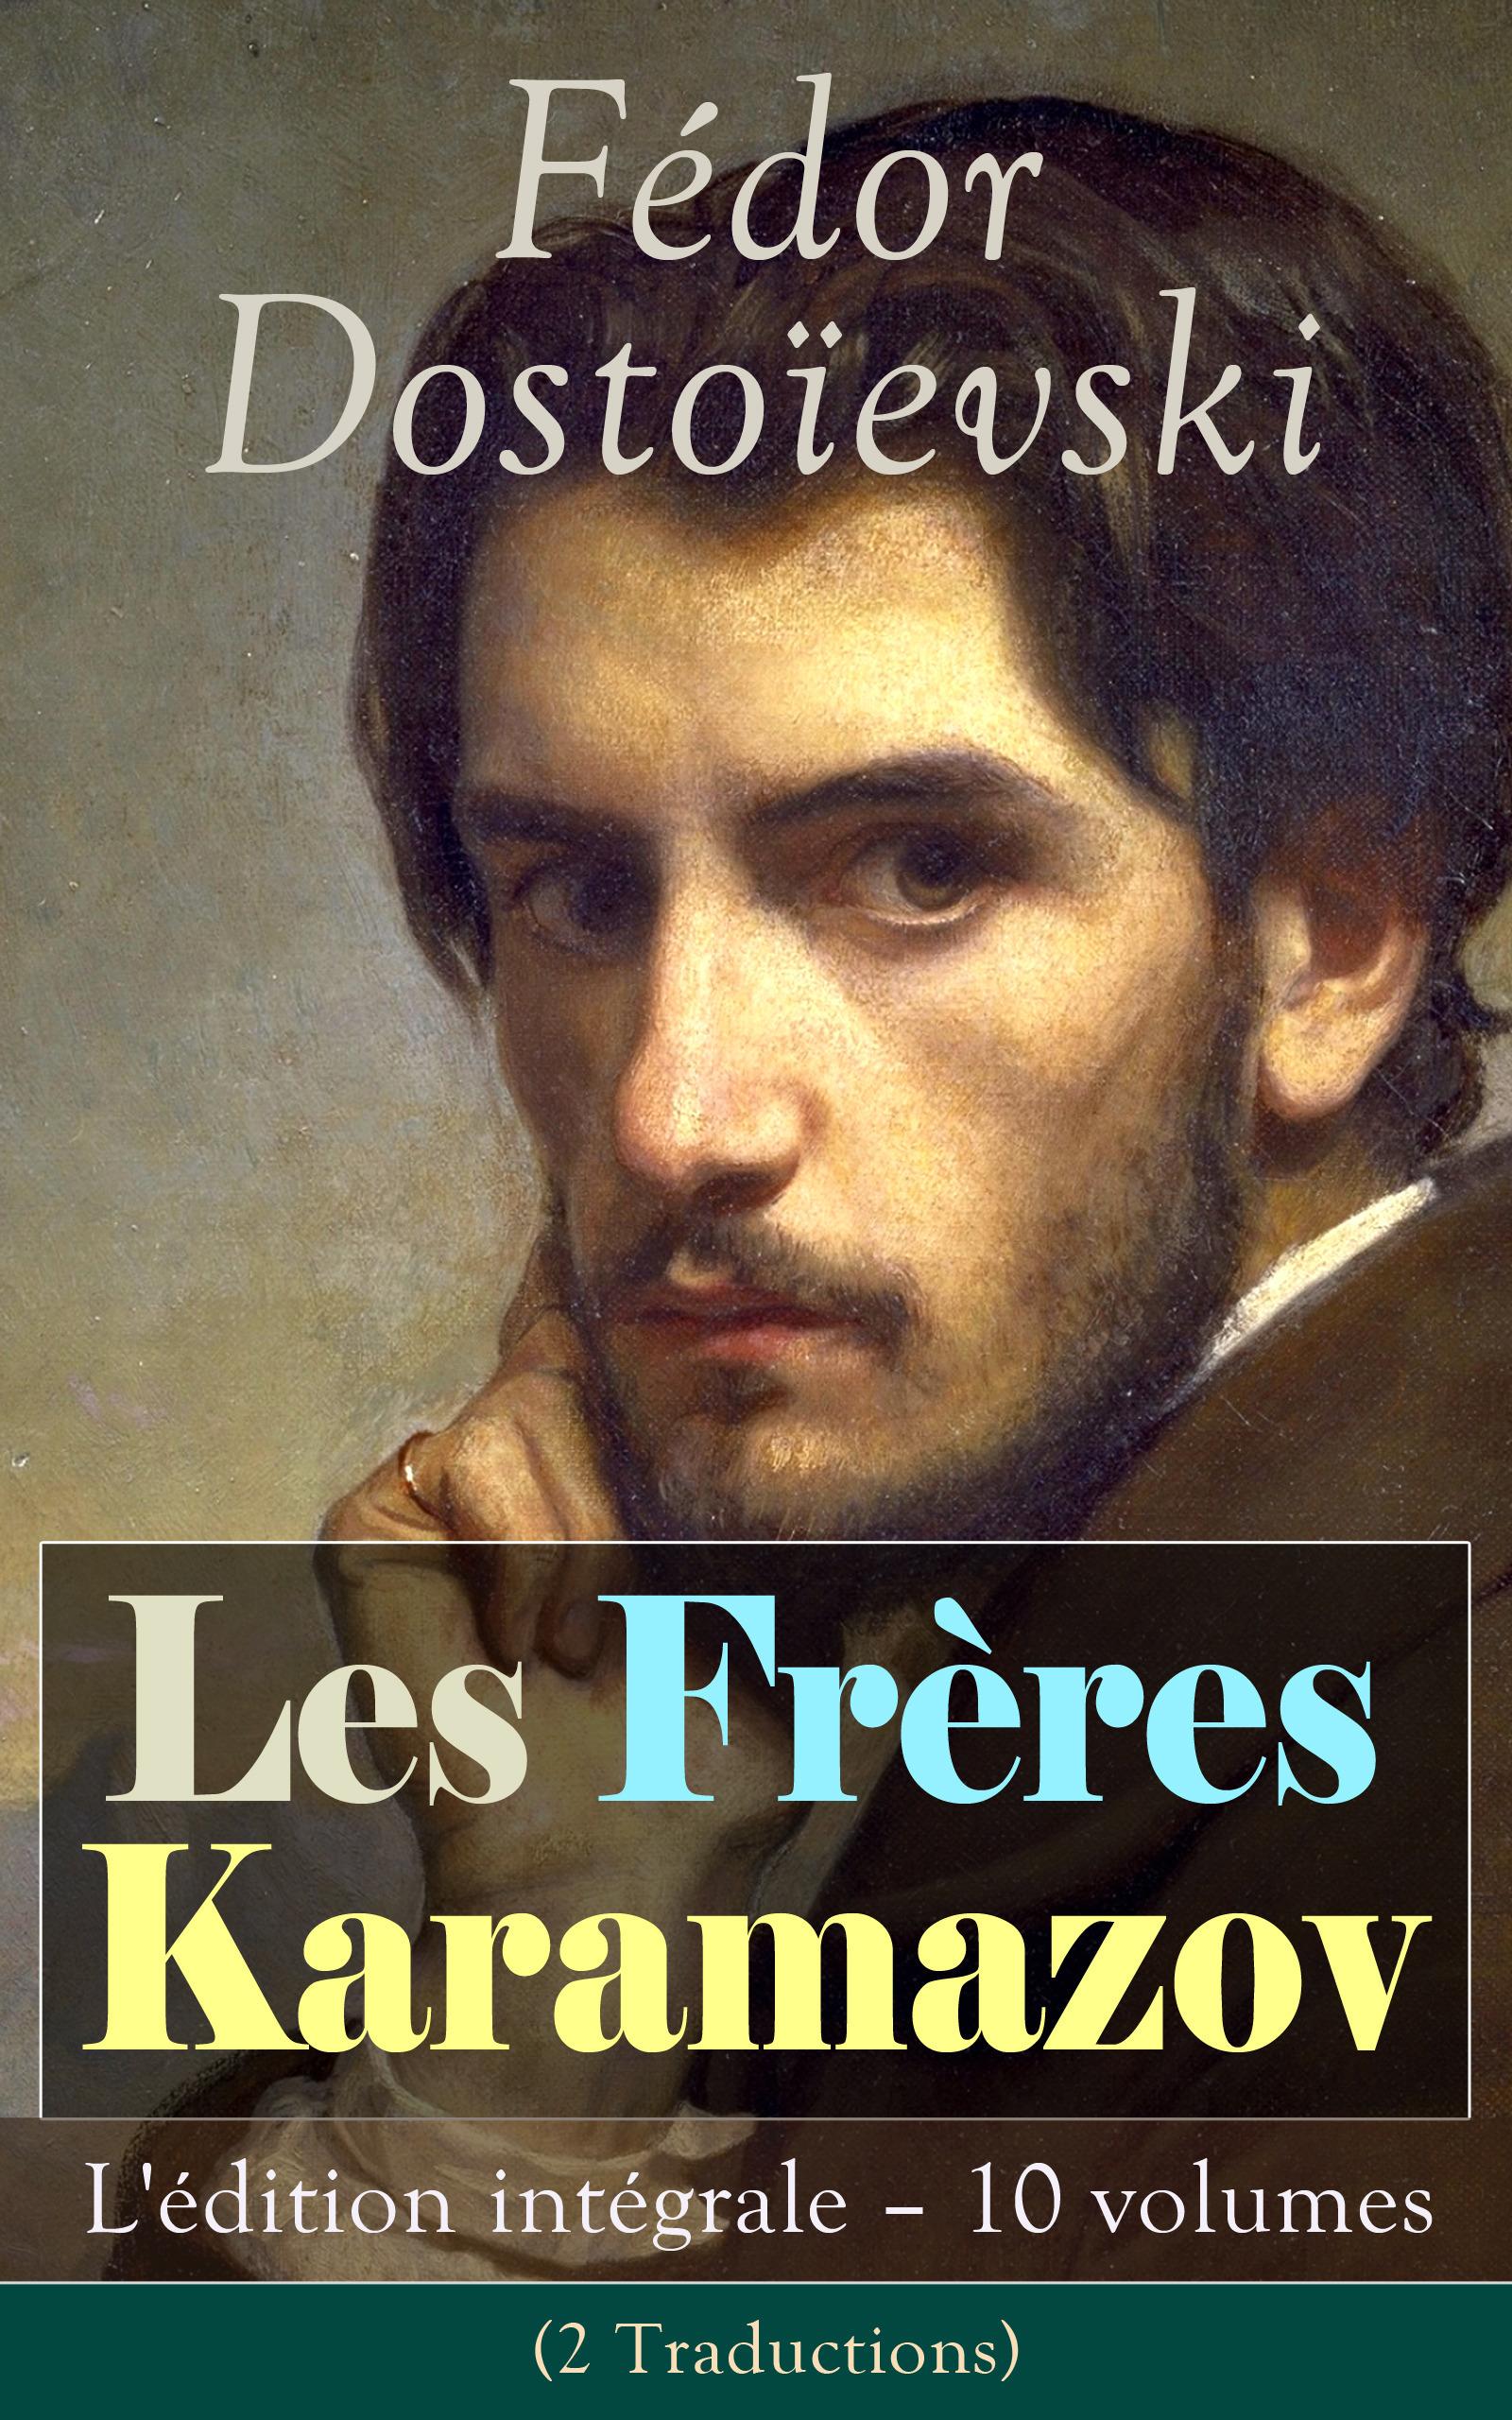 Les Frères Karamazov: L'édition intégrale - 10 volumes (2 Traductions)